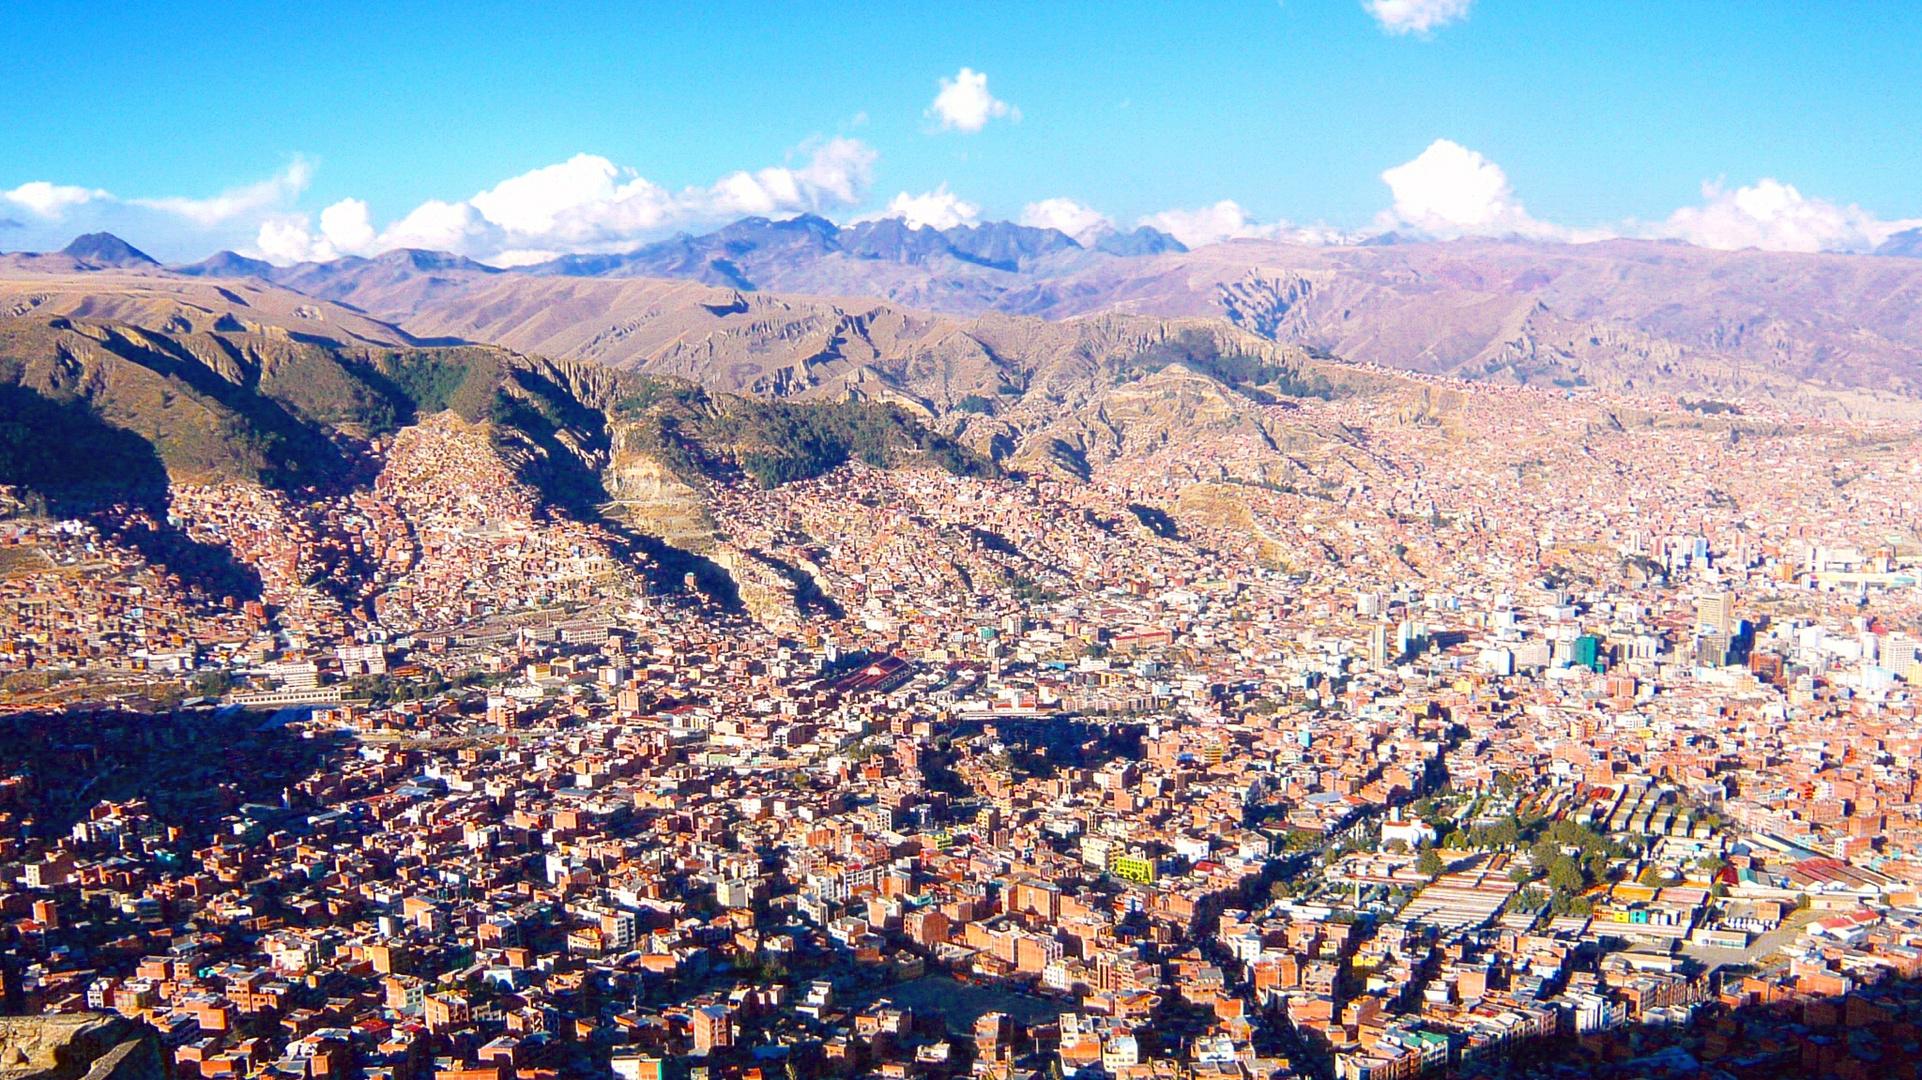 Das ist ja wohl die Höhe - La Paz